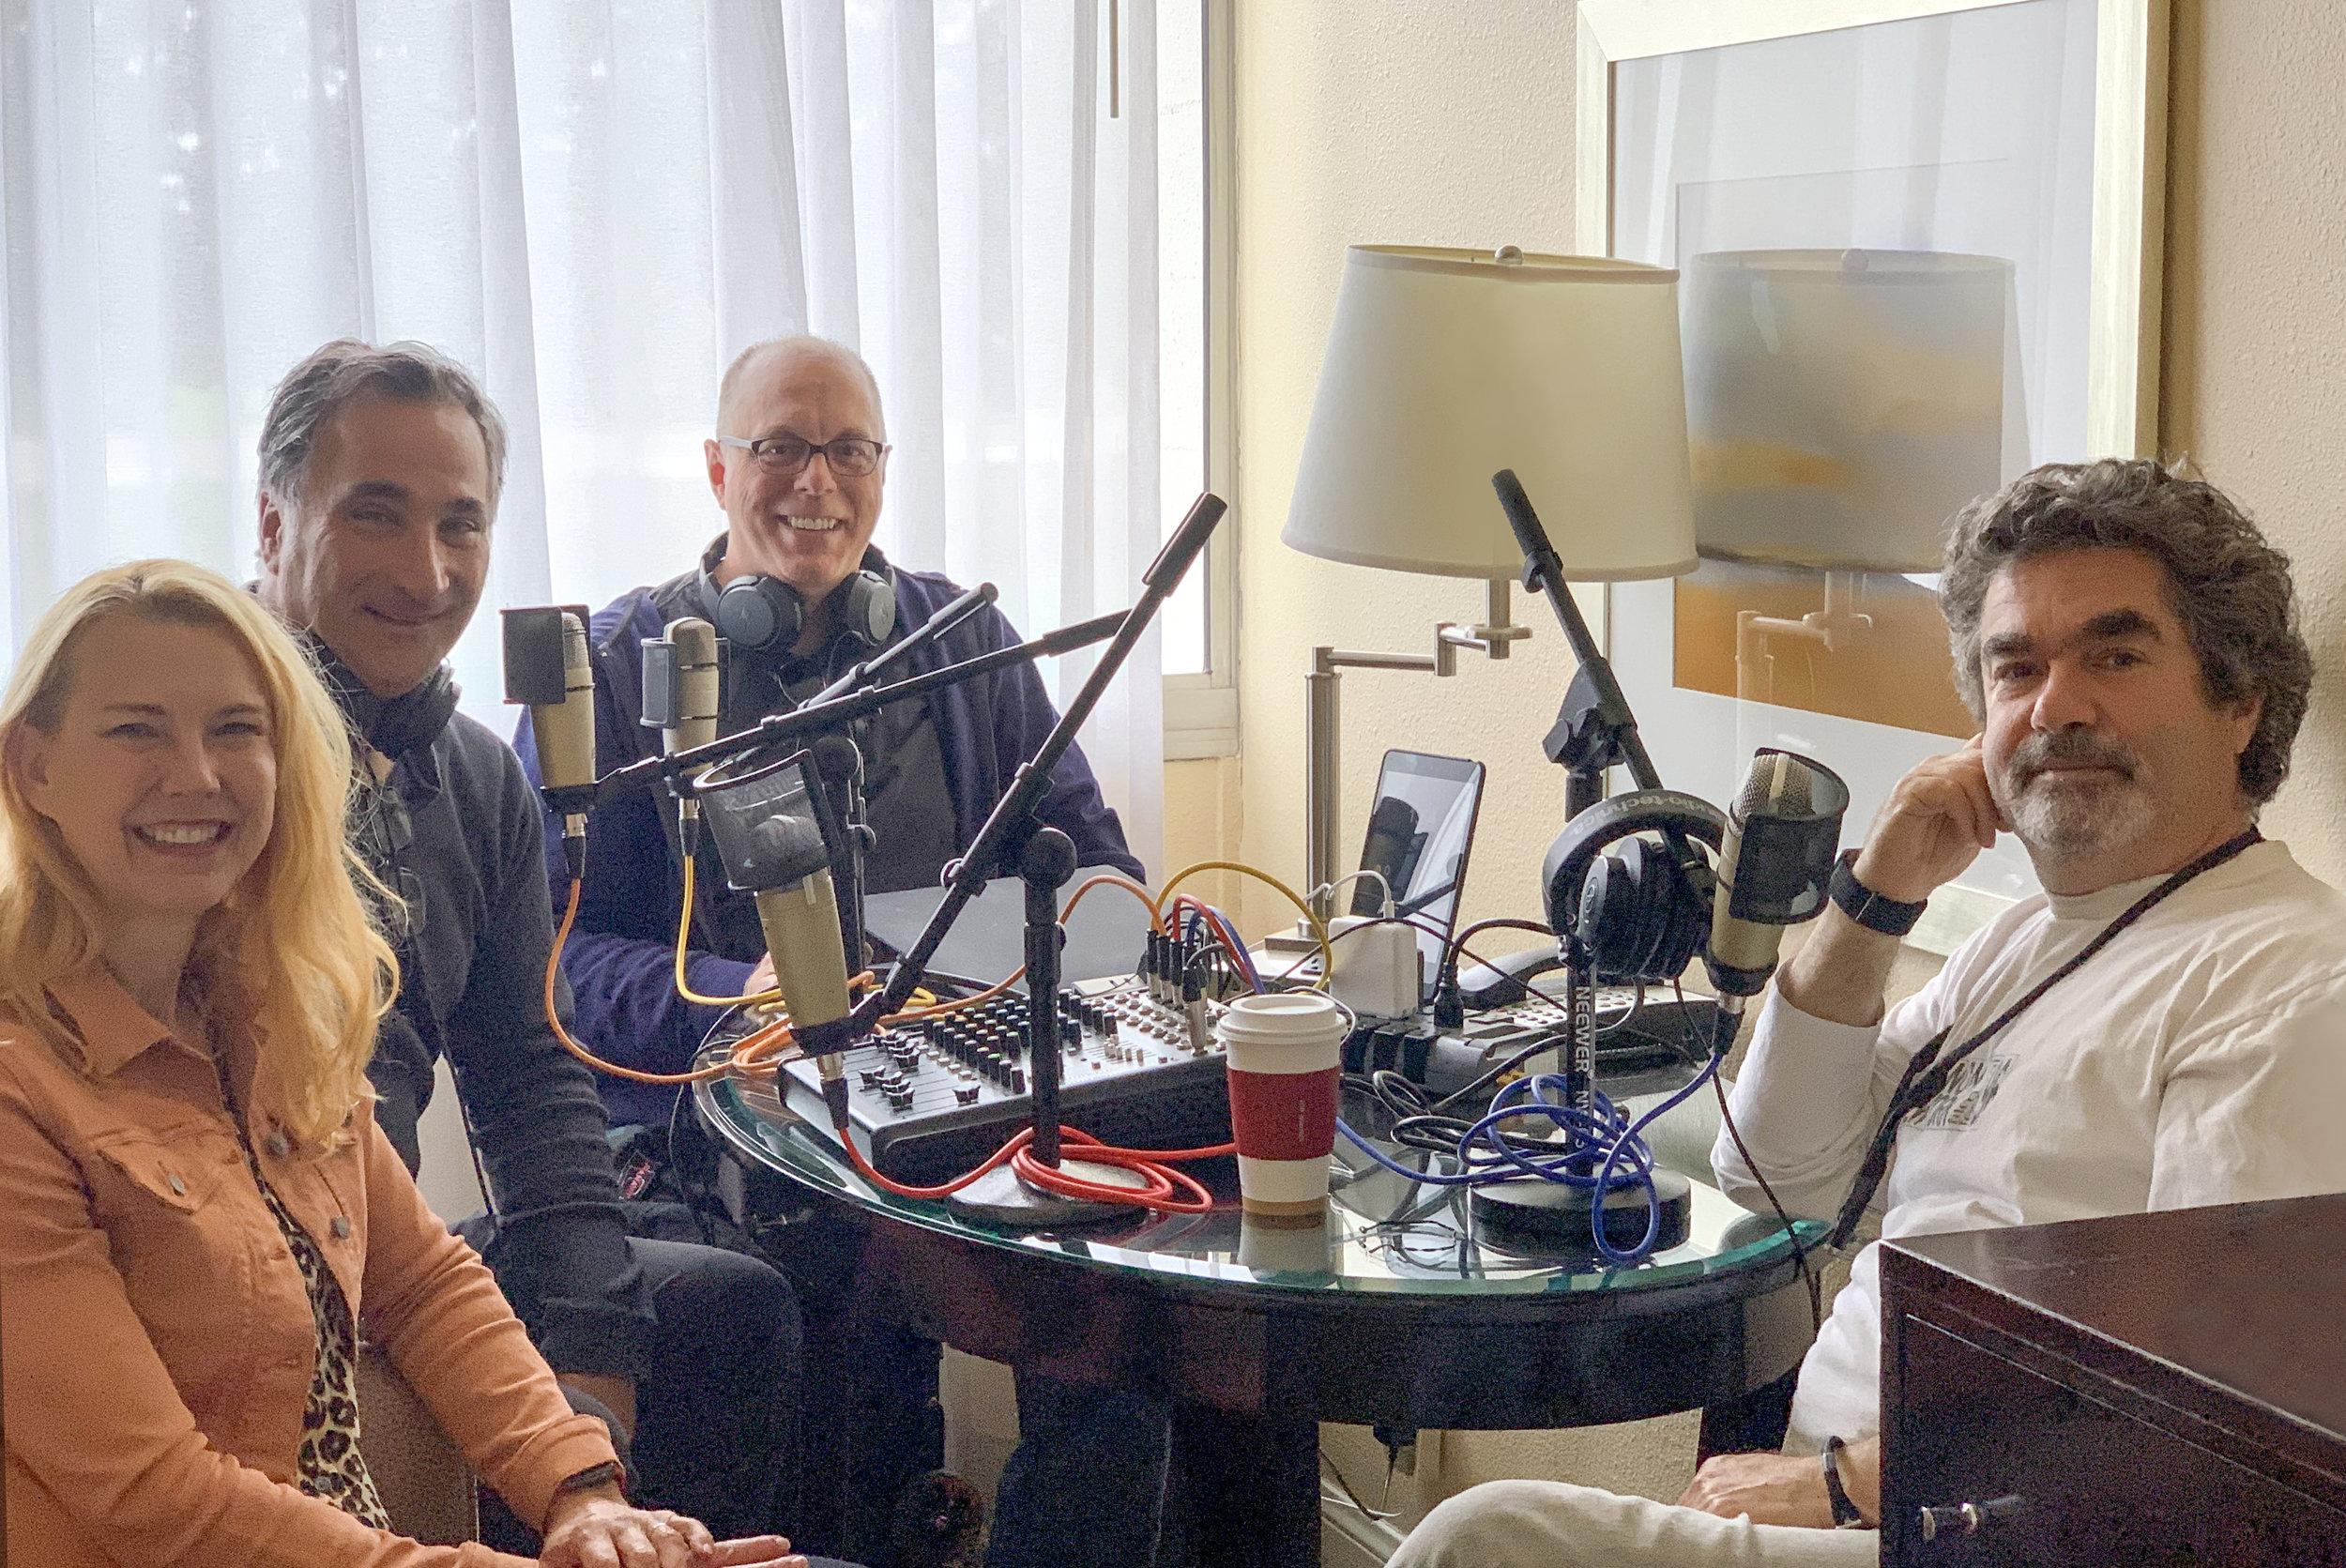 Kathy Bakken, Mark Aznavourian and Burk Sauls interview director Joe Berlinger.